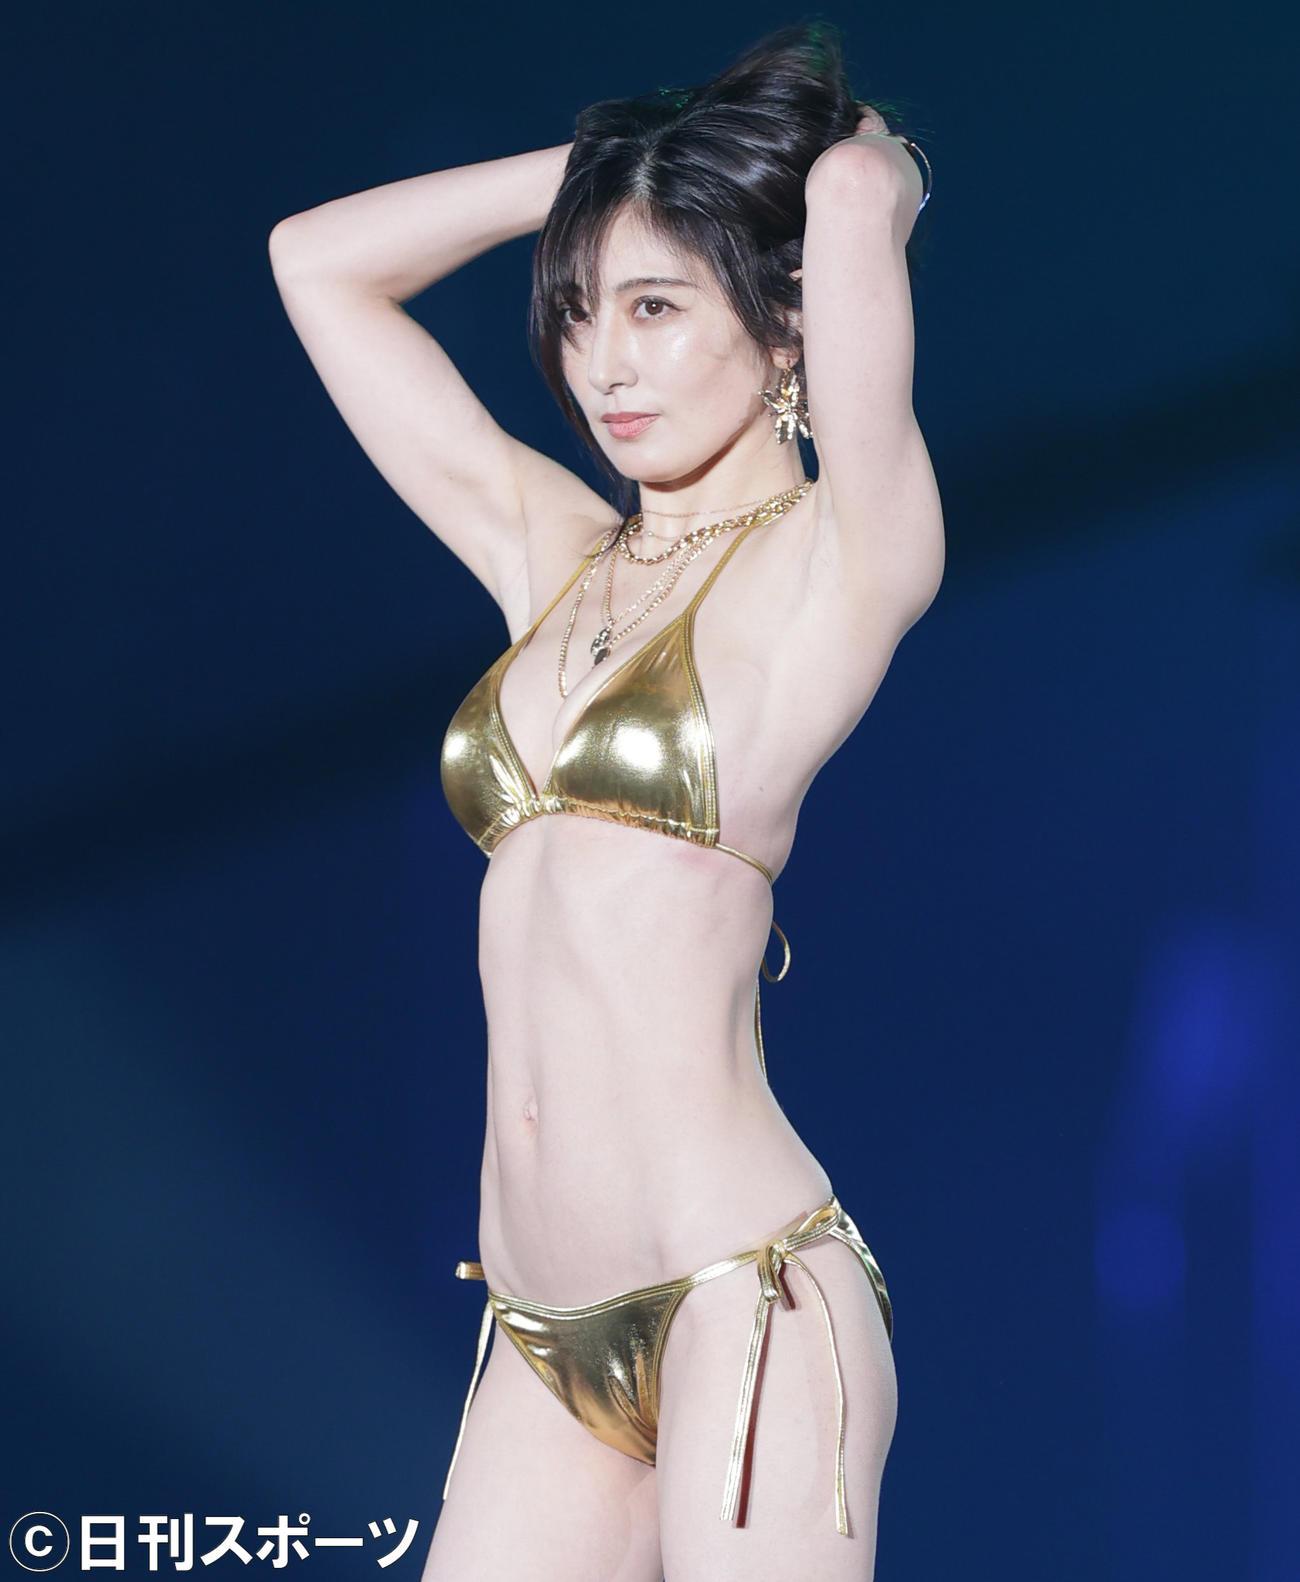 「関西コレクション」でゴールドの水着姿を披露する熊田曜子(2021年9月5日)